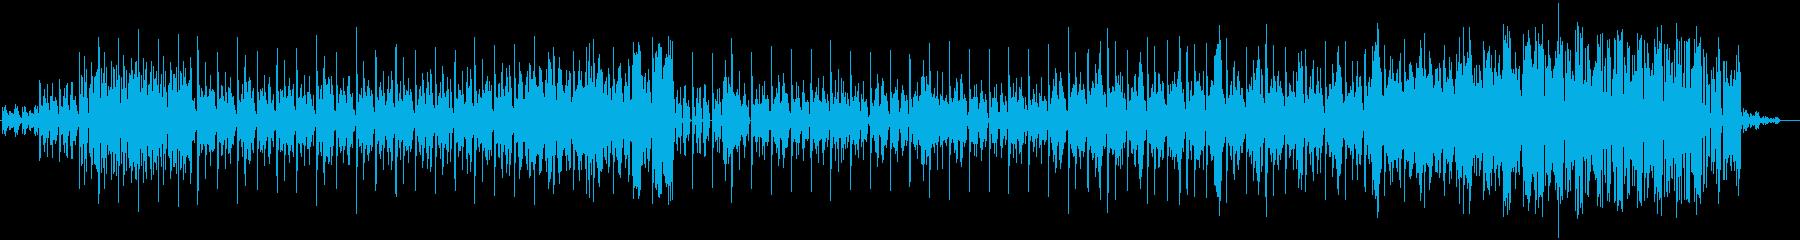 真夏に適したホラー要素入れたBGMの再生済みの波形